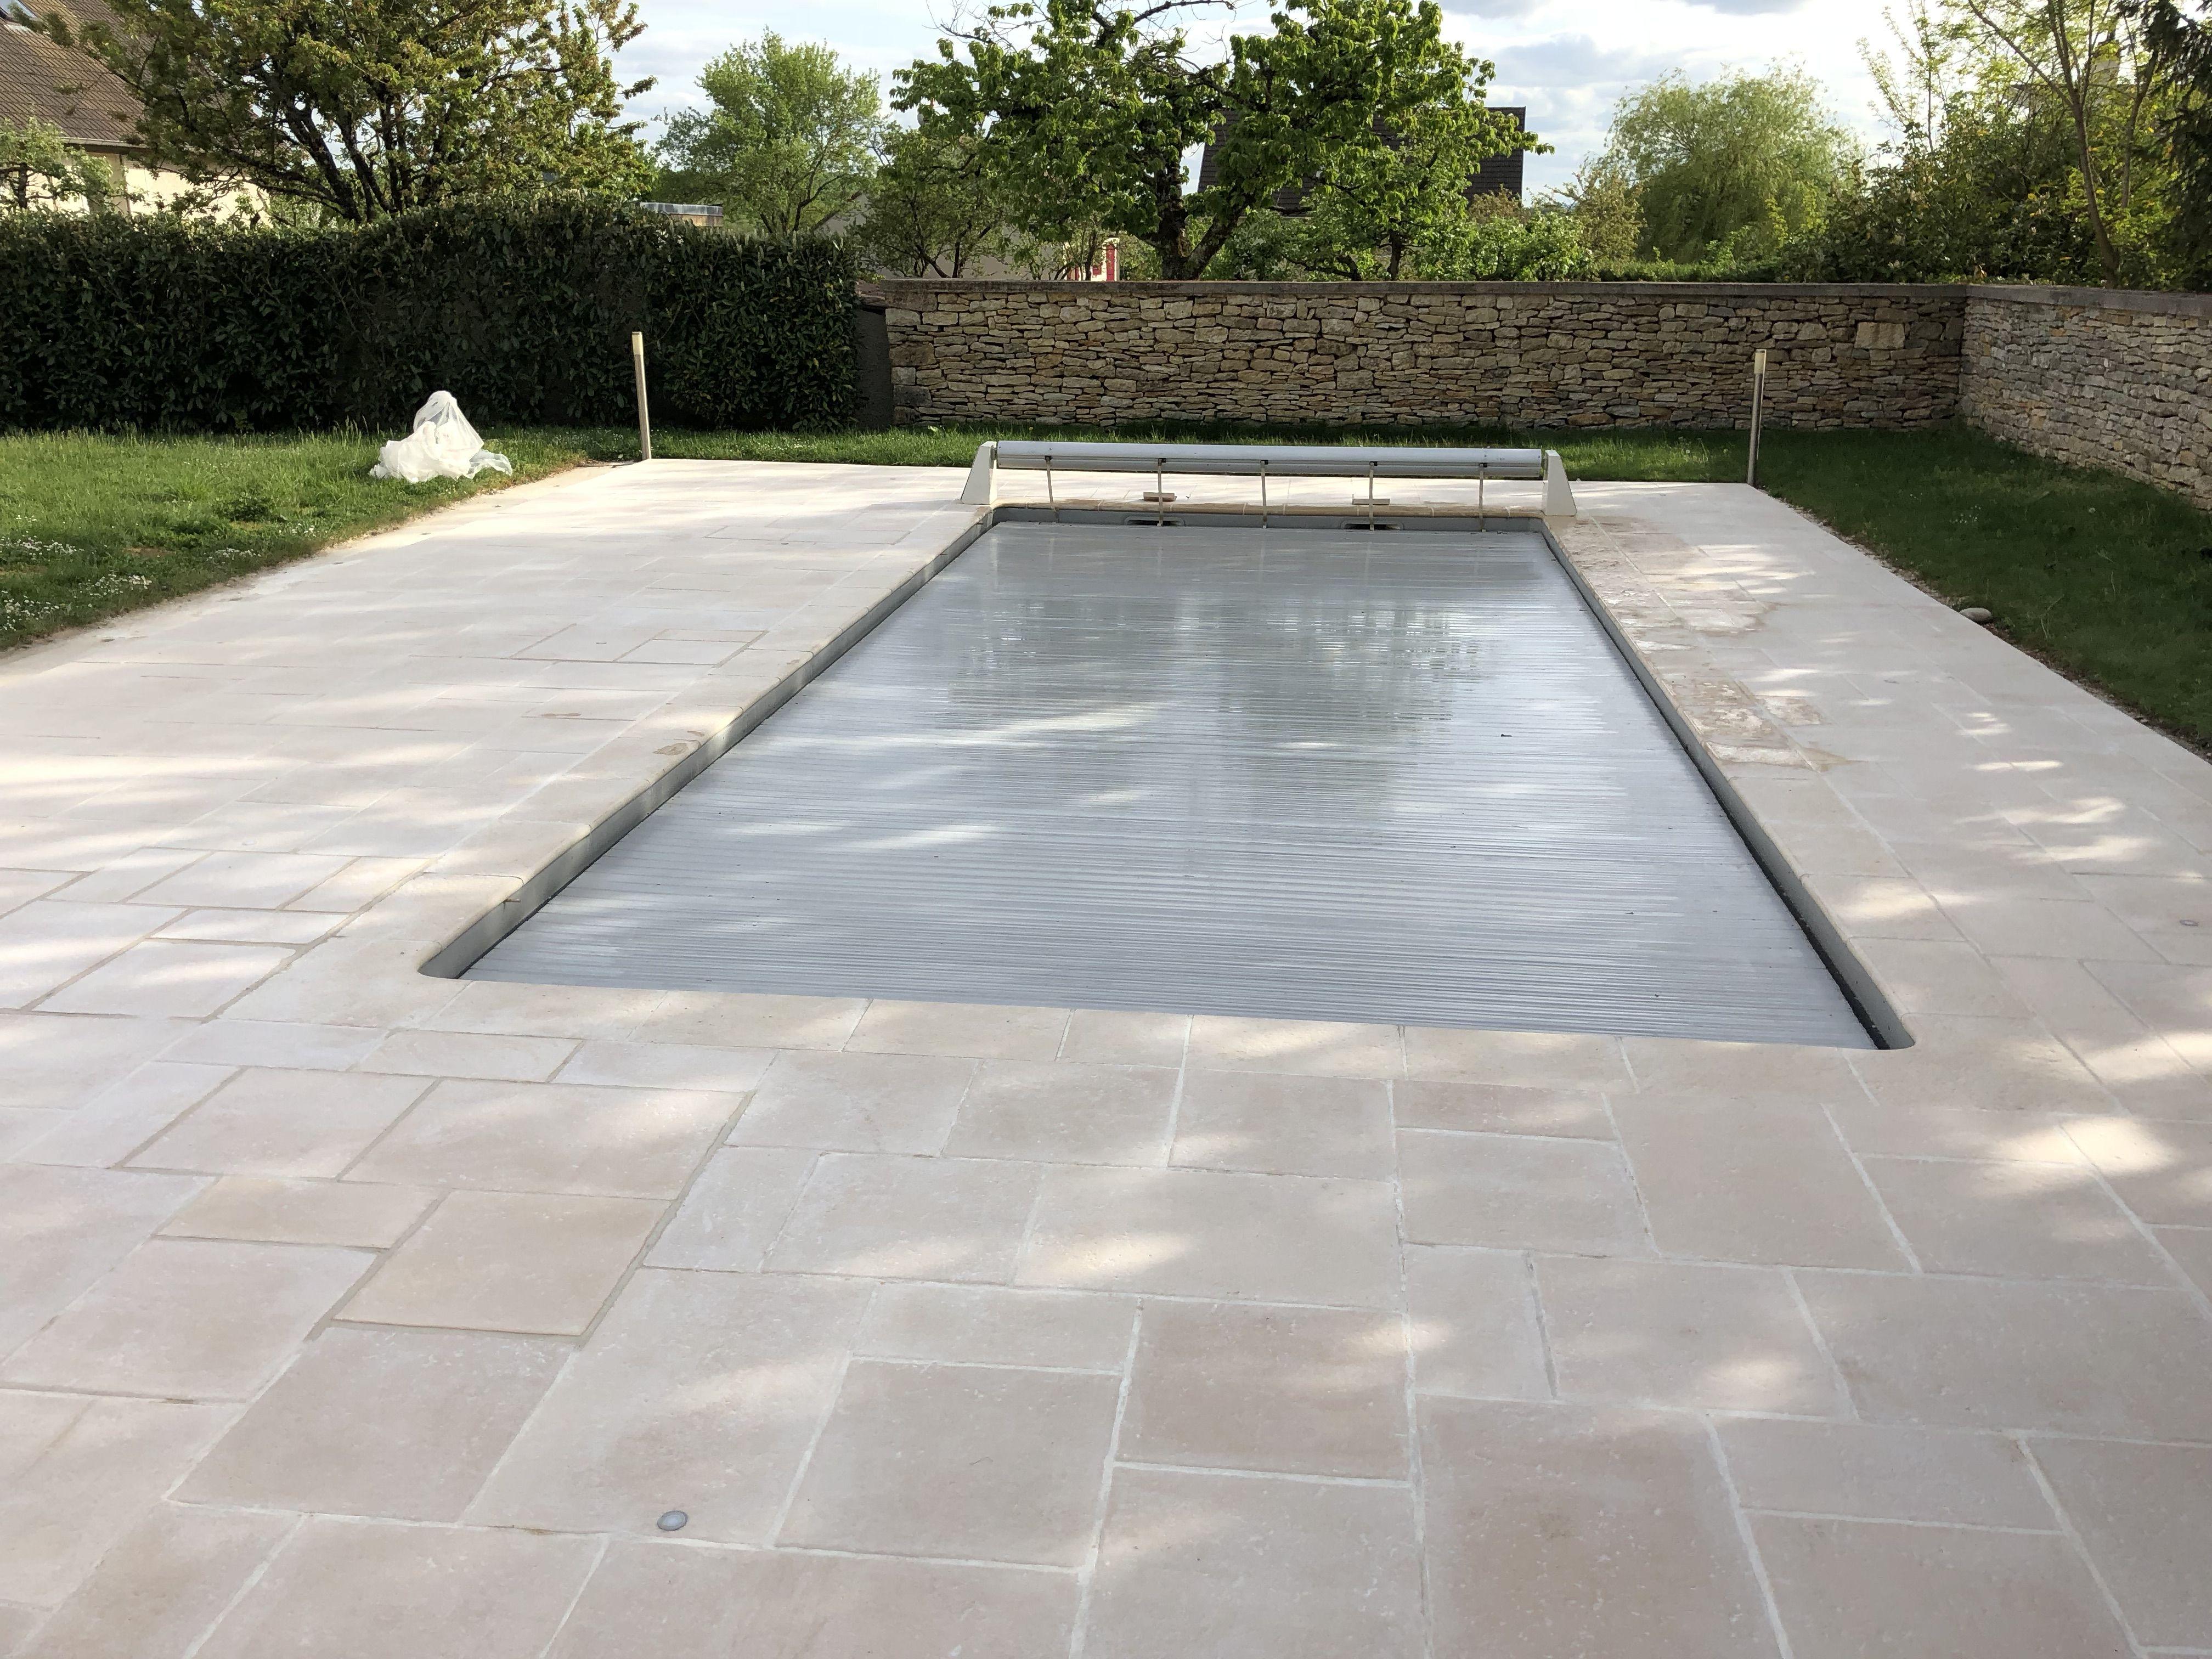 Dallage pierre reconstitu e am nagement de piscine - Revetement ideal pourtour de piscine ...